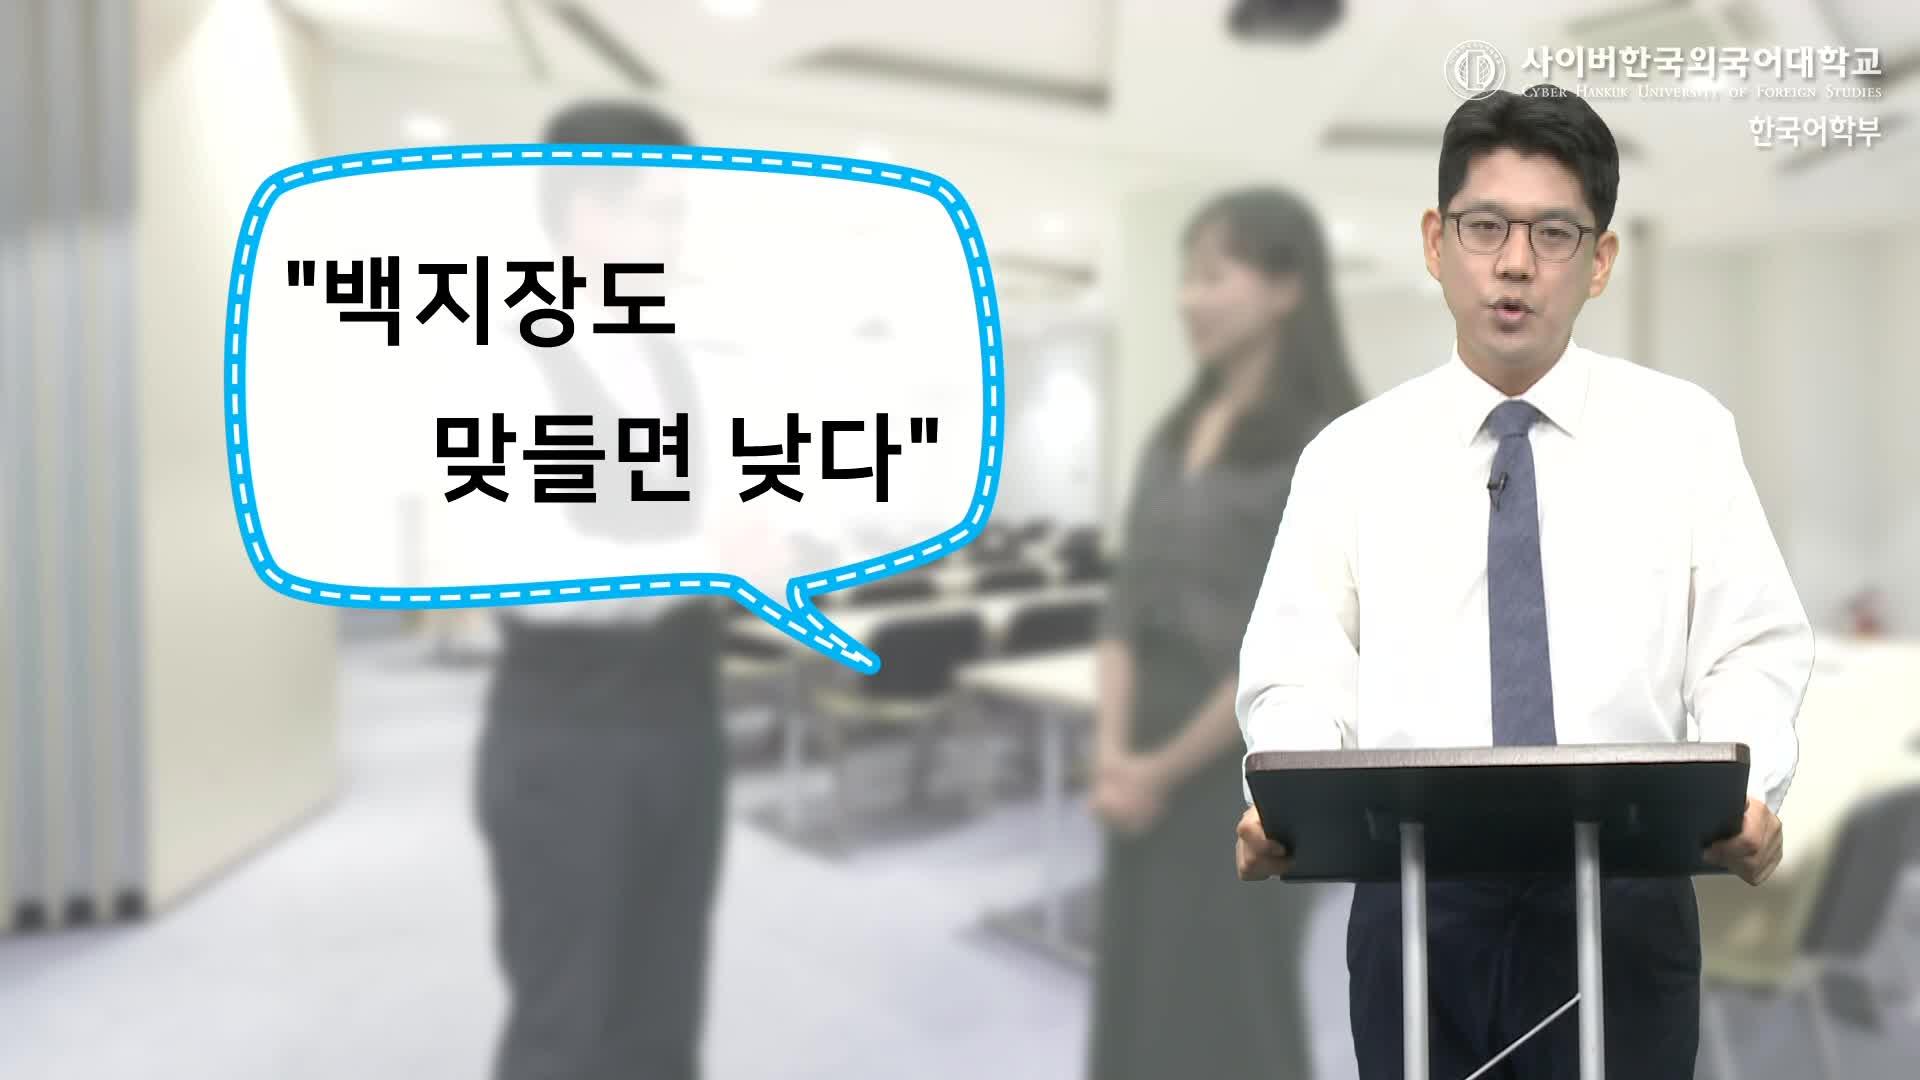 [韩语俗语]#14. 果然是人多力量大